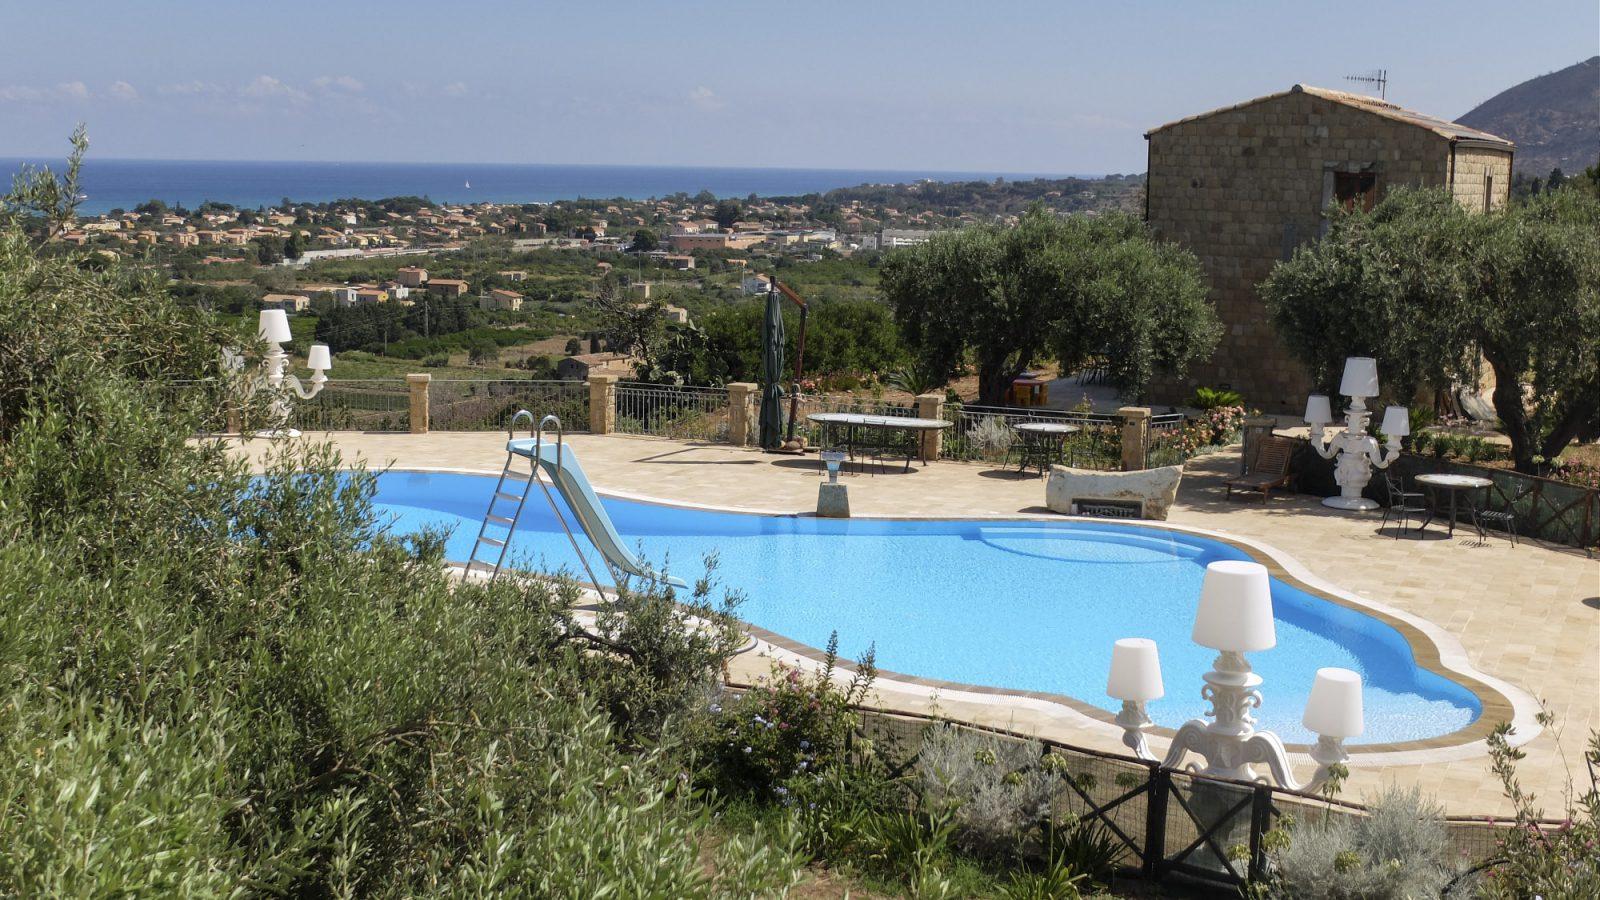 Agriturismo Terrazze sul Tirreno - Agriturismo in Sicilia